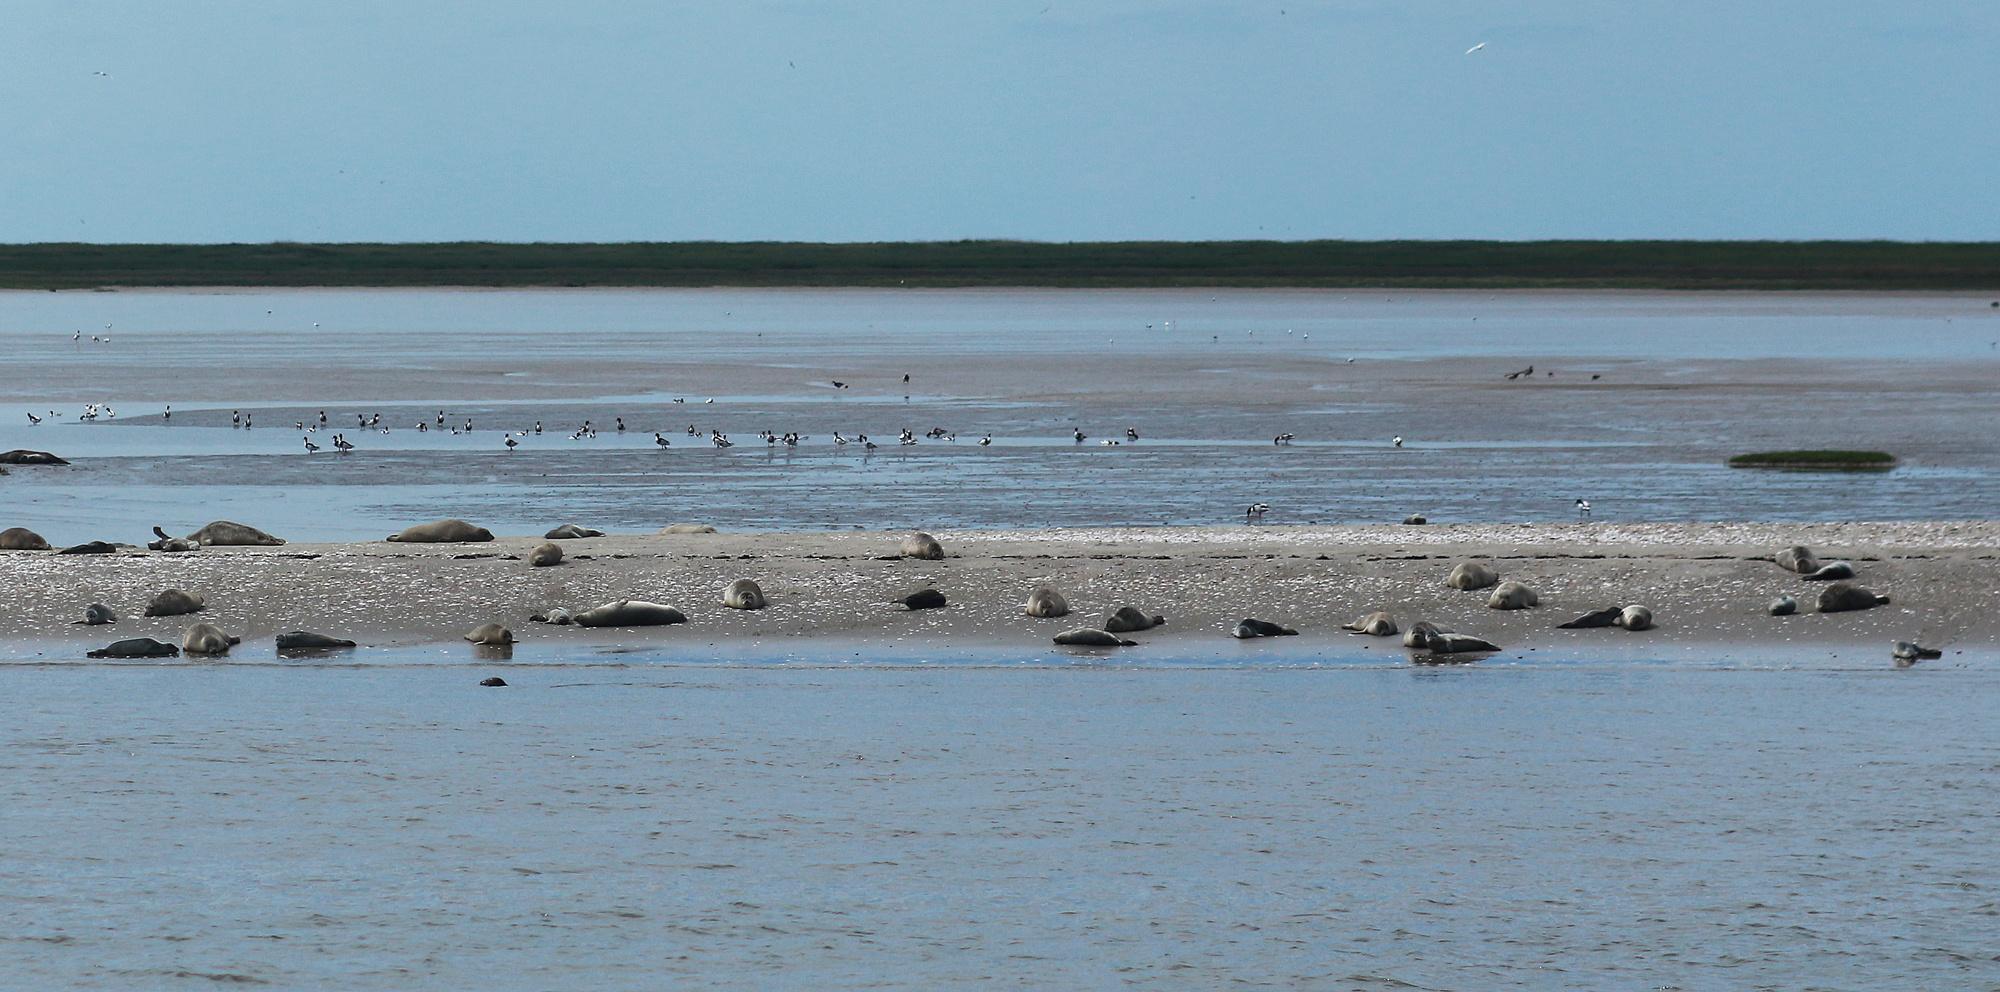 Seehundbank Foto & Bild | natur, nordsee, tiere Bilder auf fotocommunity